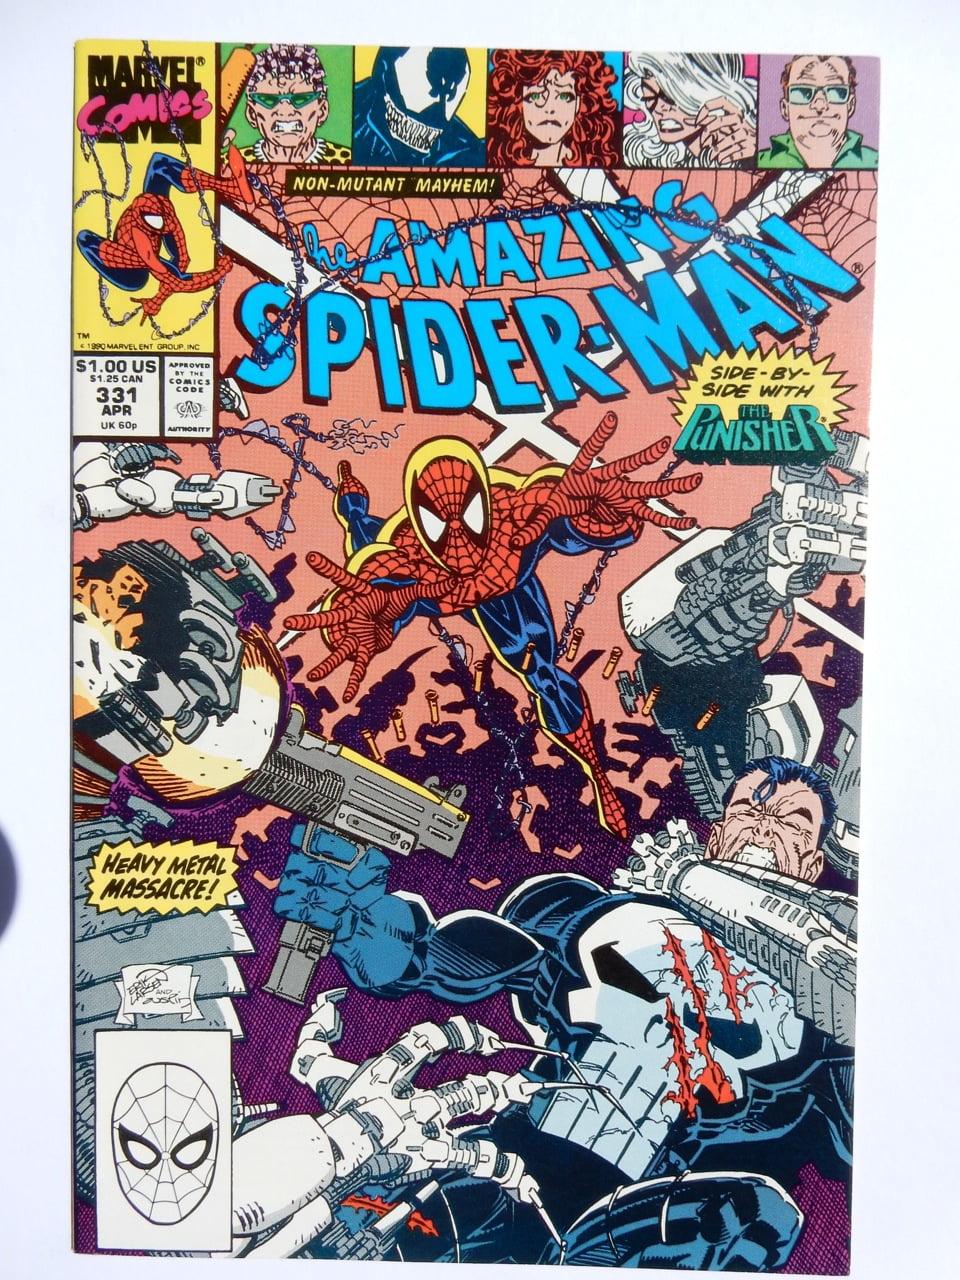 Amazing Spider-Man #331